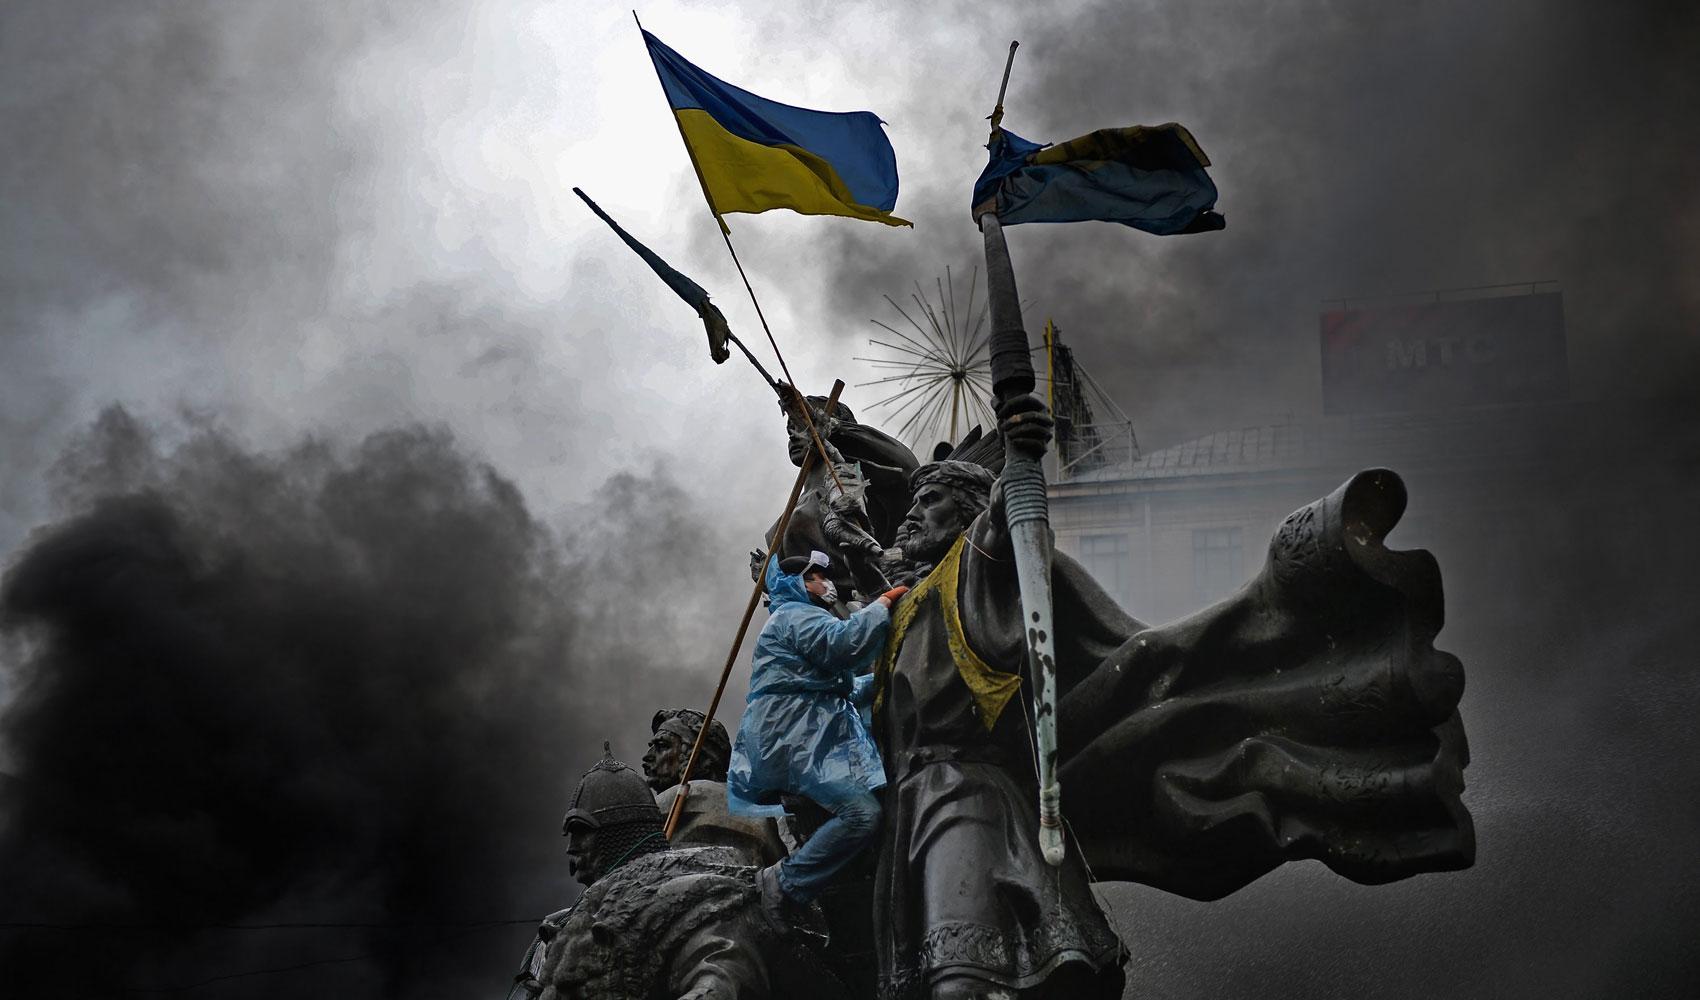 Ukraine Abandoned at Spillwords.com